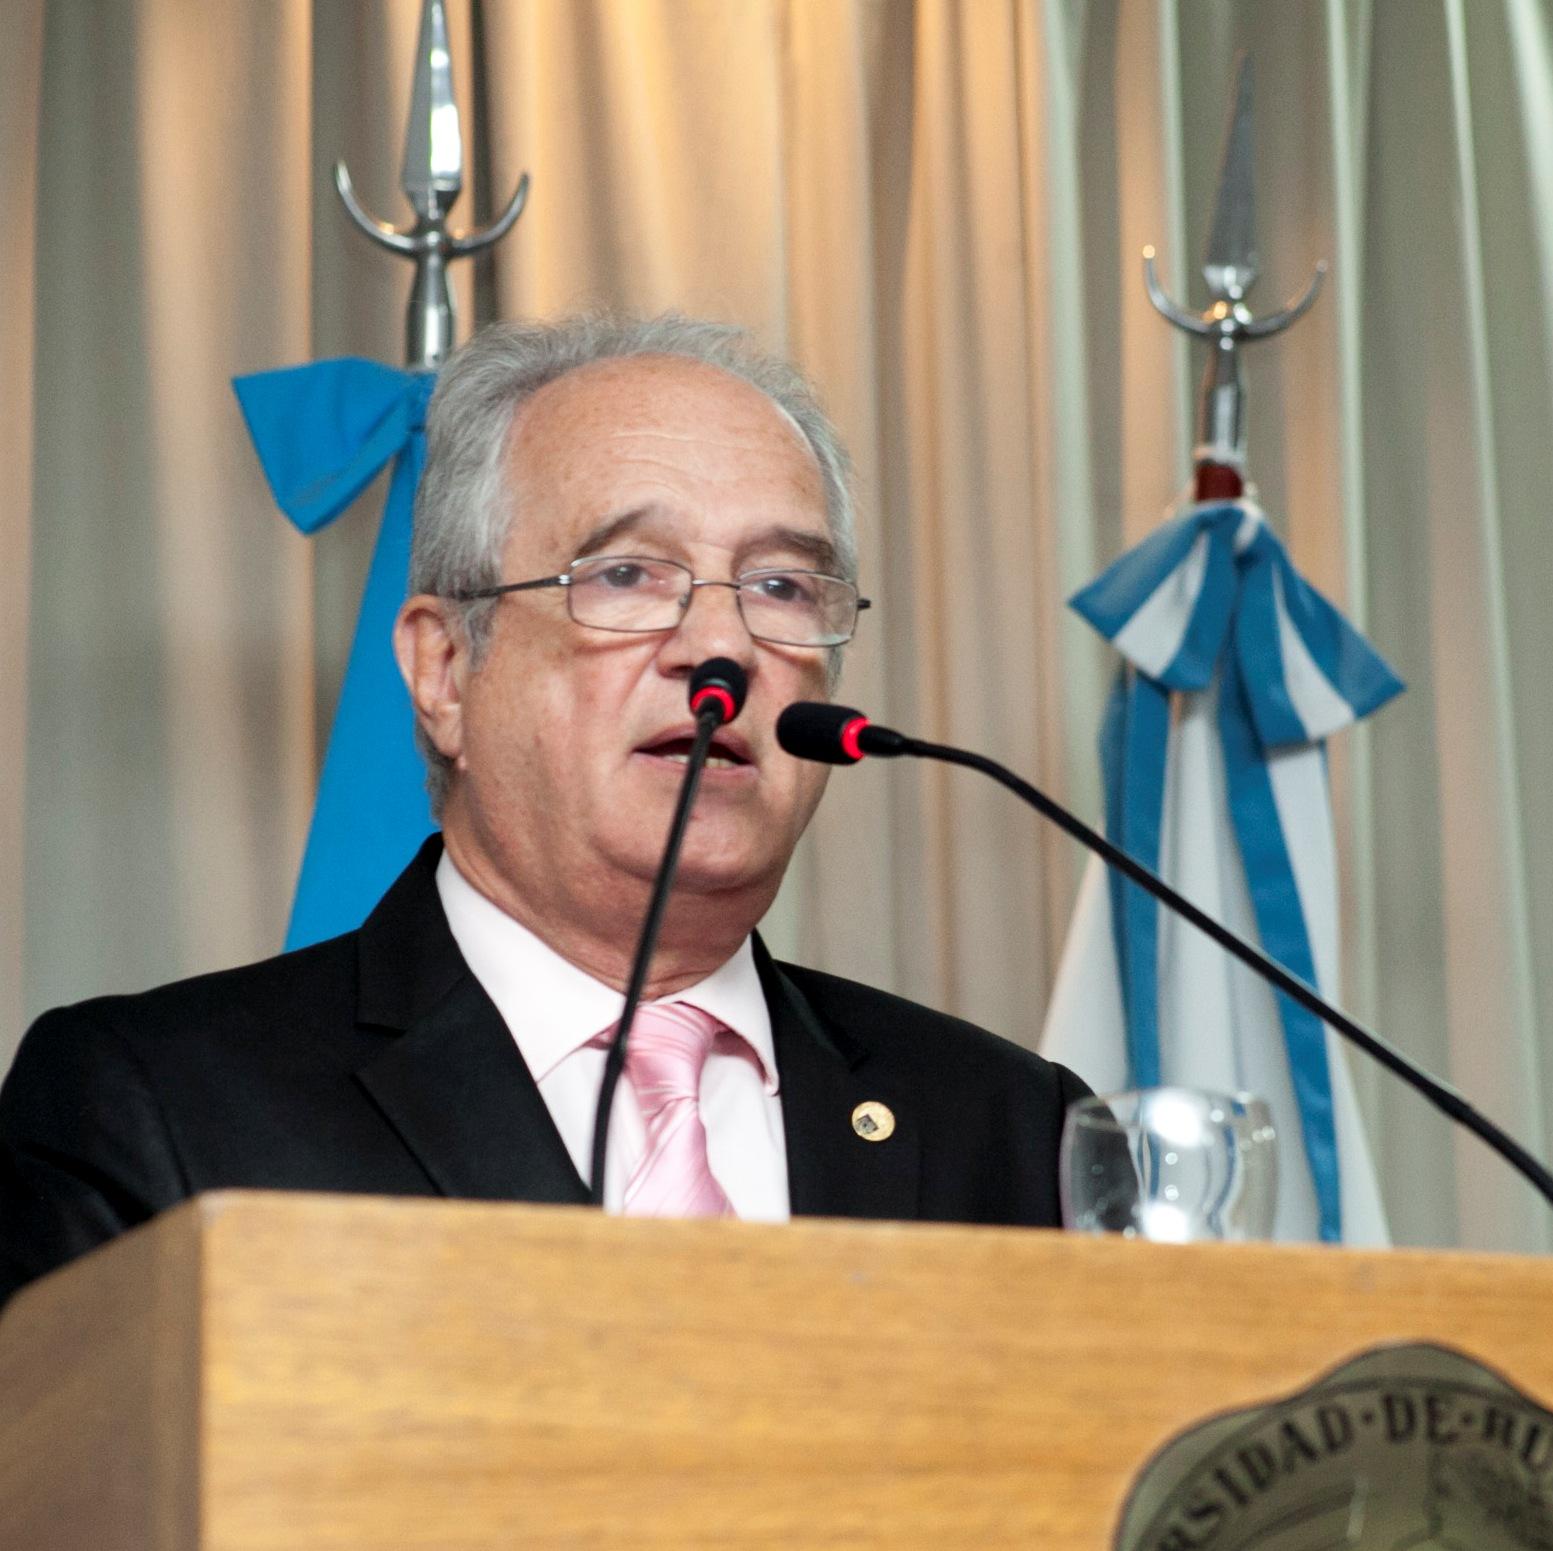 Dr. Ricardo José María Pahlen Acuña